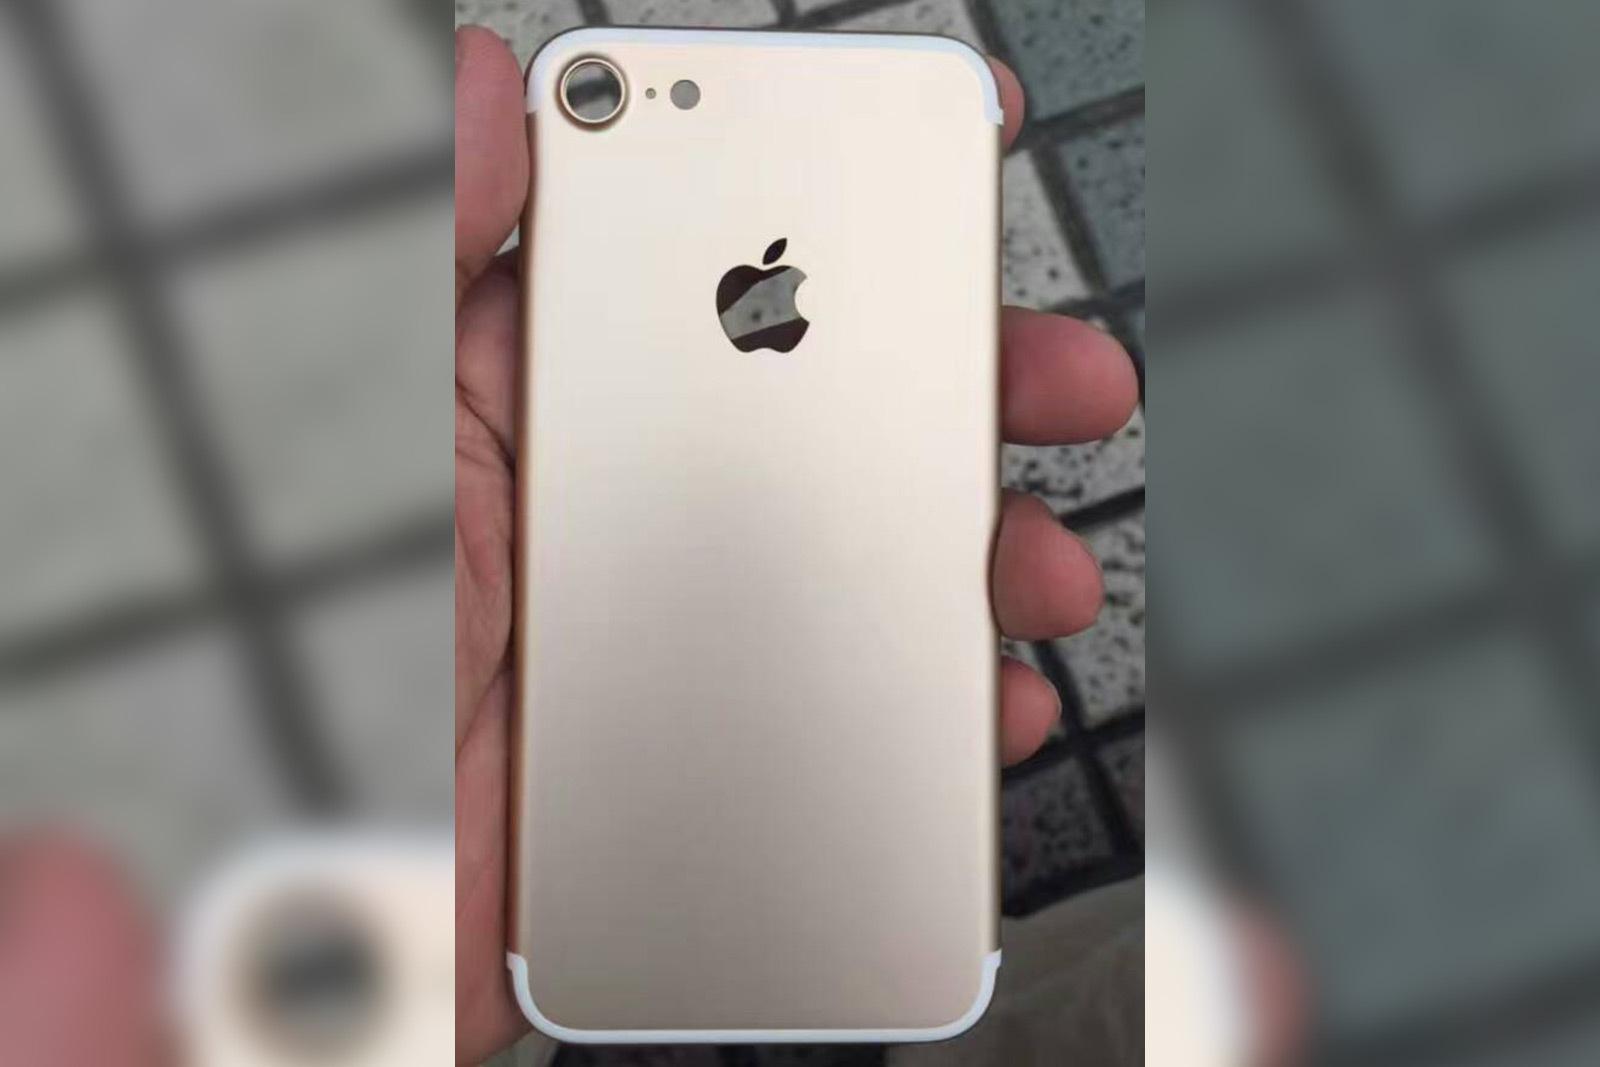 Как купить iPhone 7 раньше всех и не разориться? (+ акция от Pochtoy.com) - 2